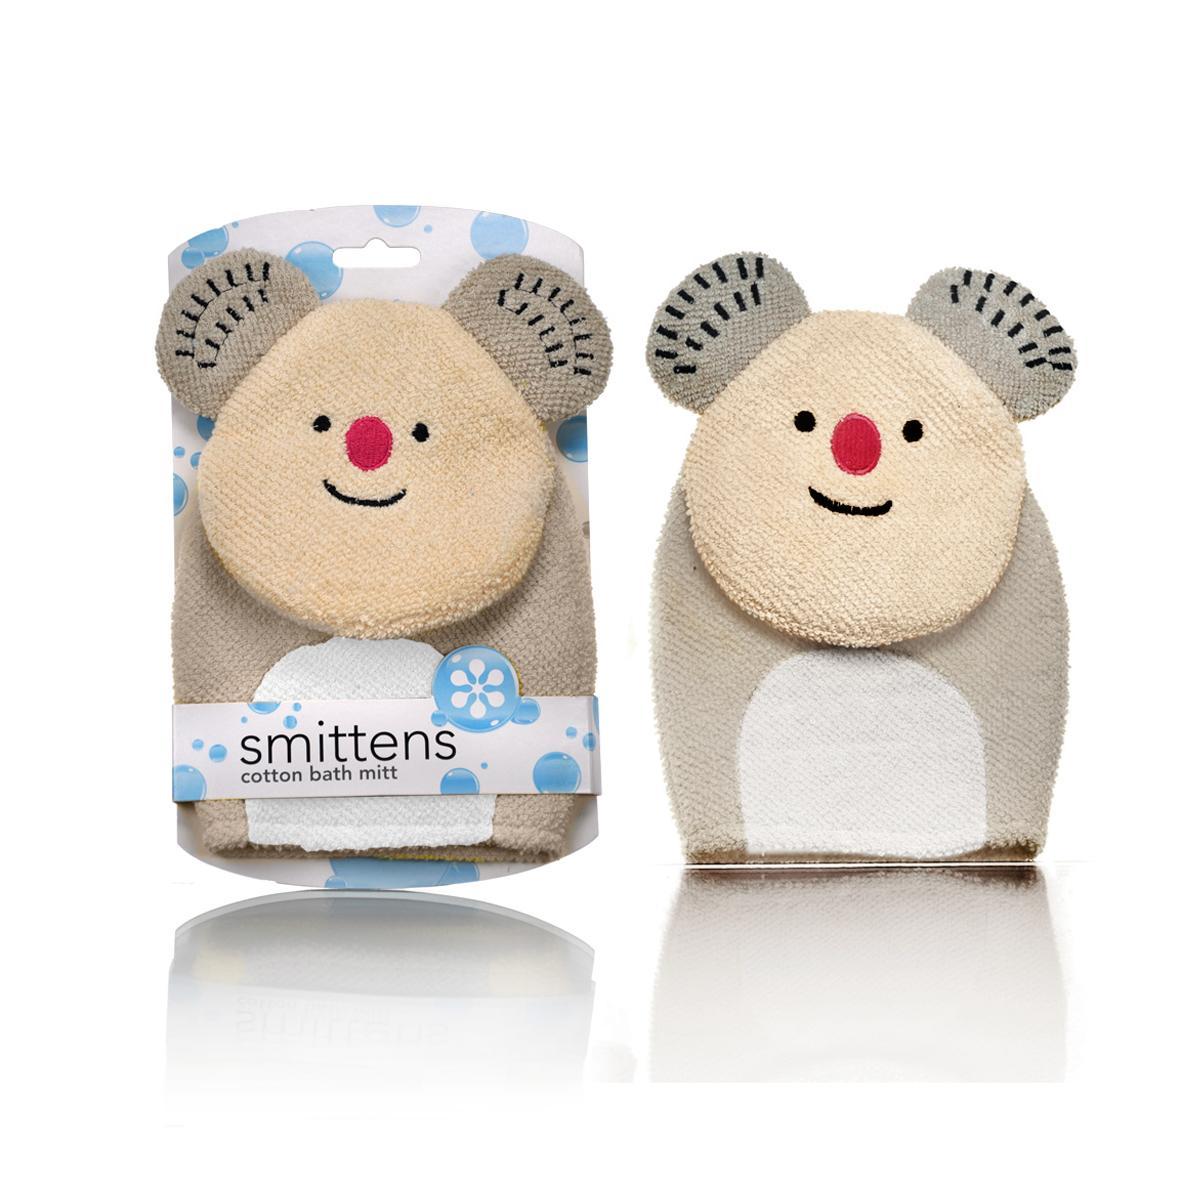 Koala Smitten bath Mitt